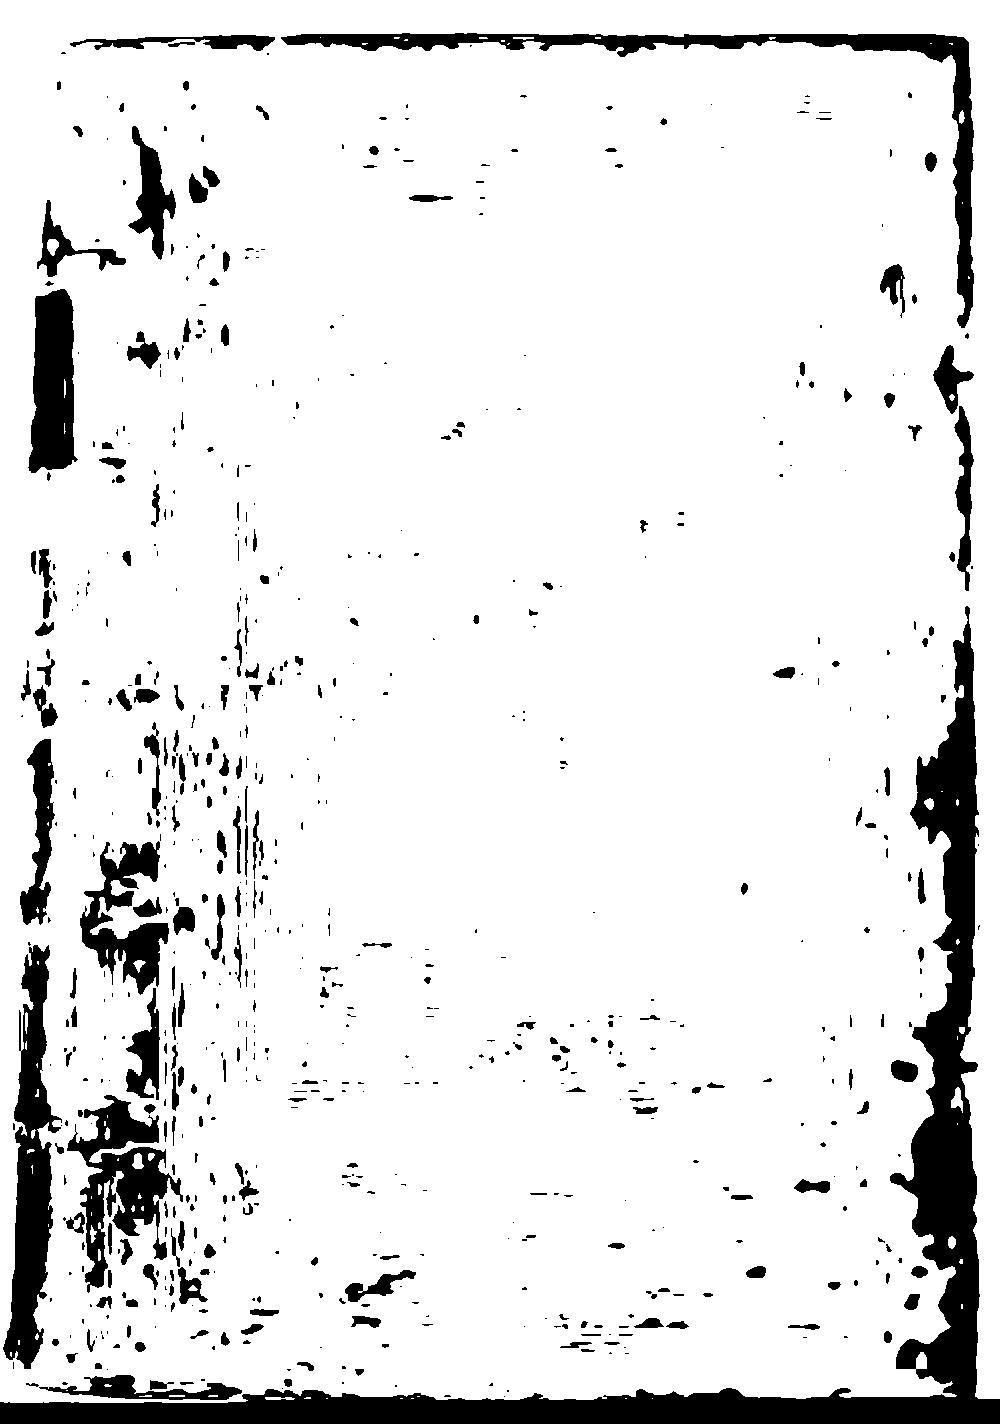 bsb00015819_00001.jpg